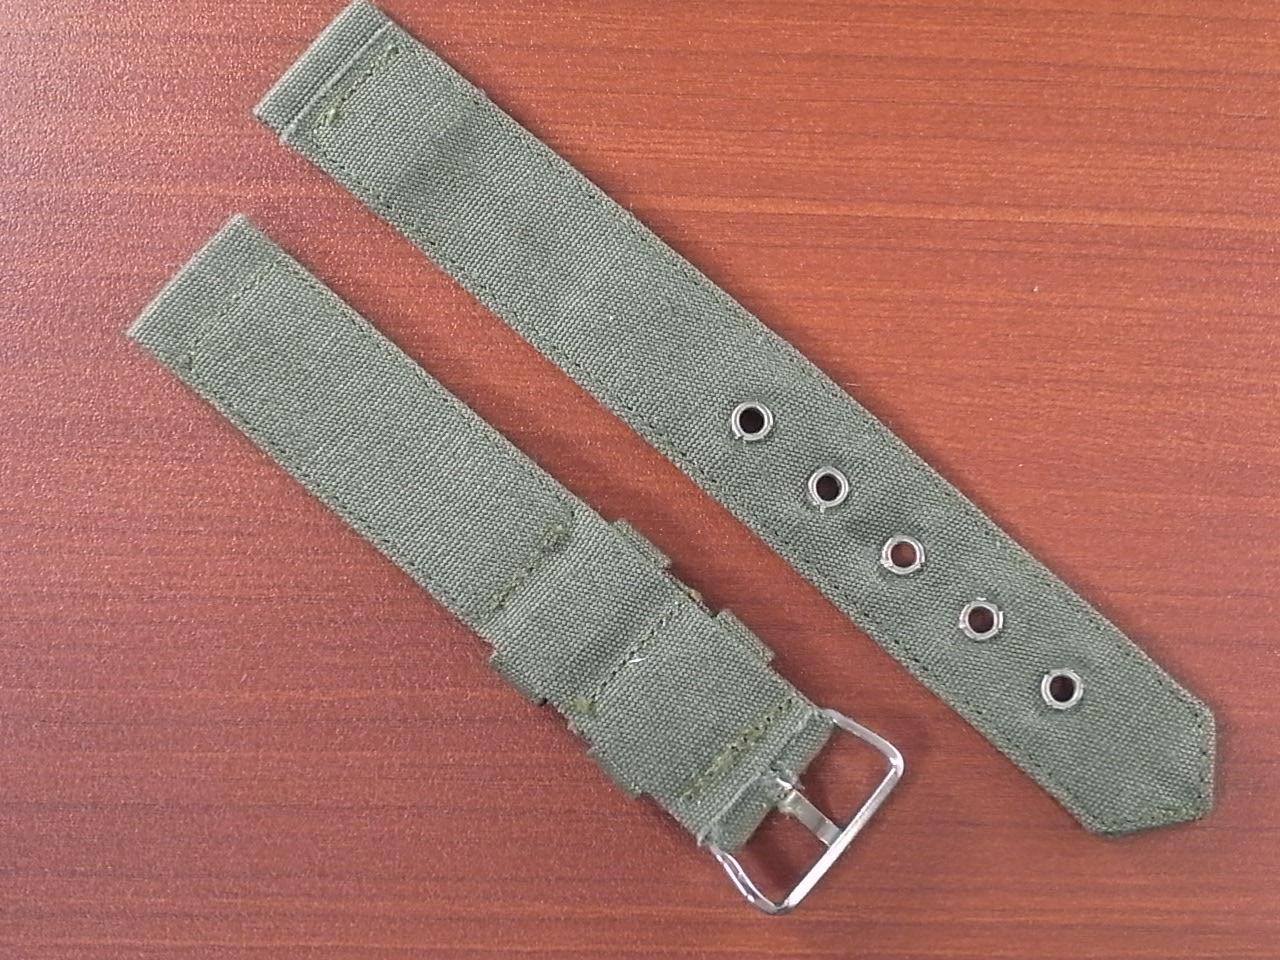 米軍 コットンベルト N.O.S. No.4 銀色金具の写真2枚目